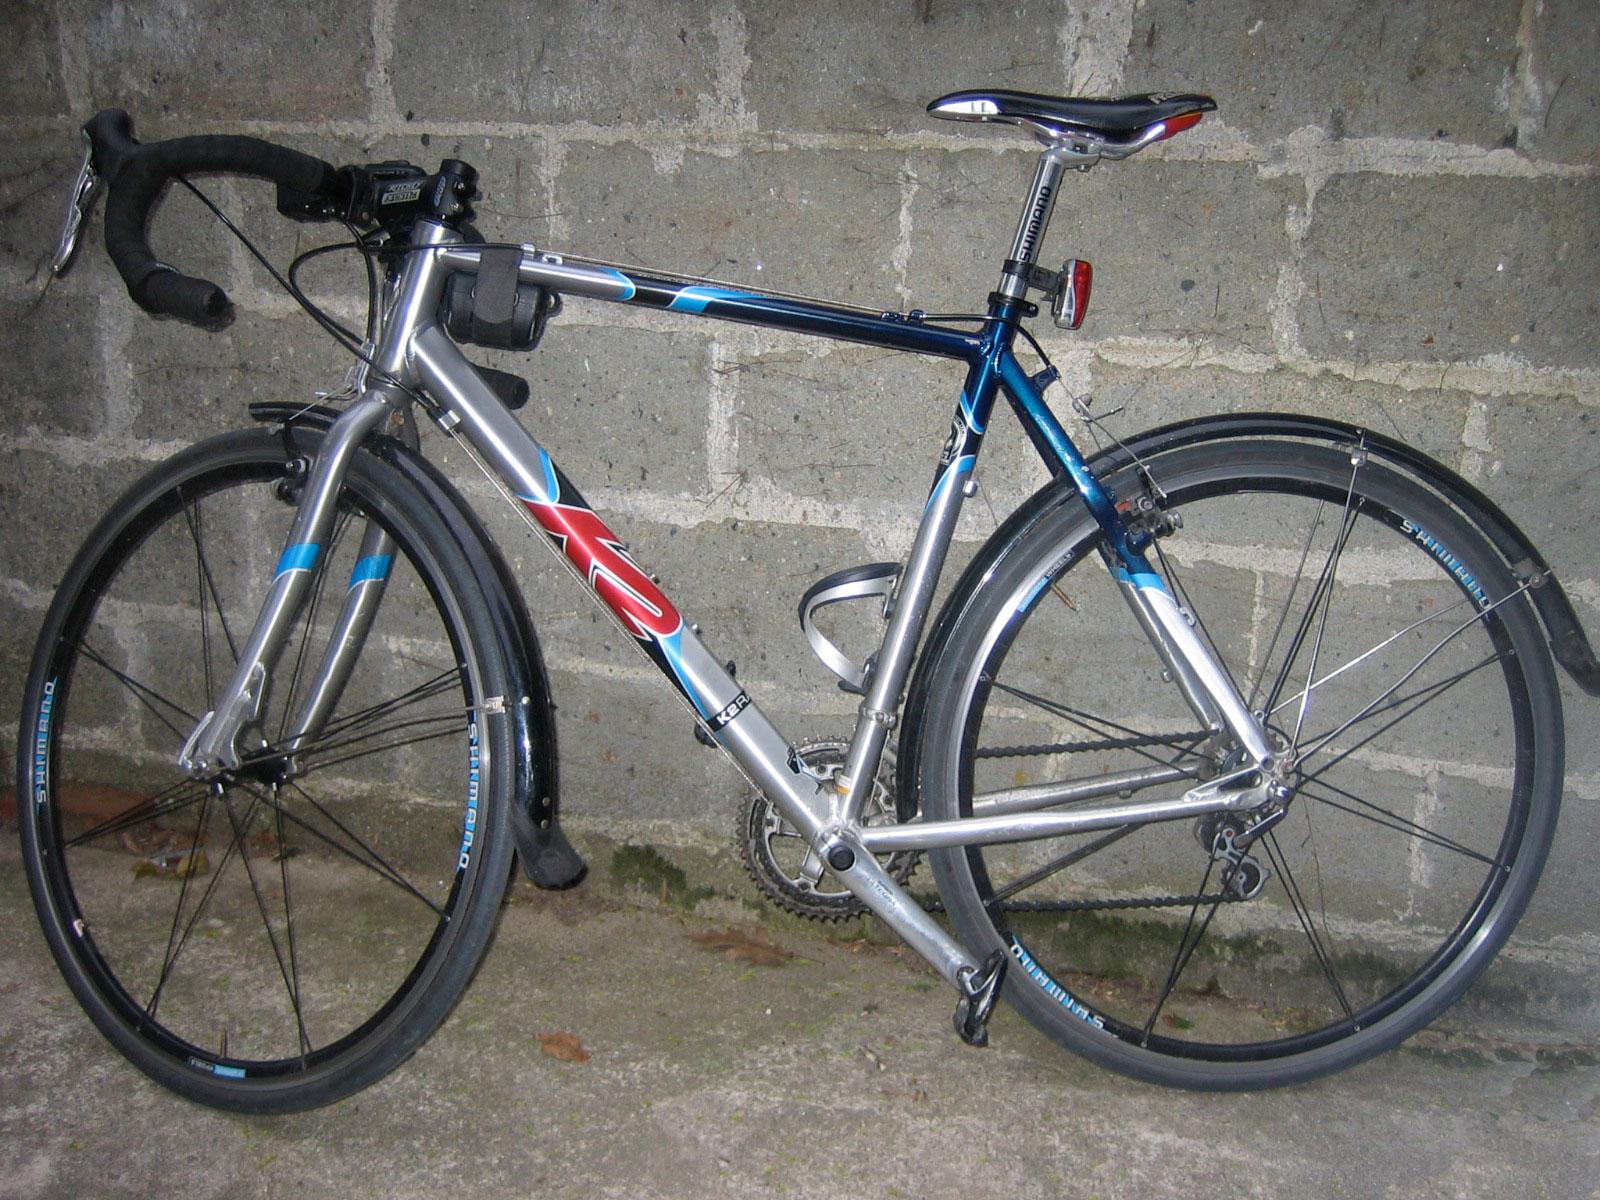 Bikes K2 k